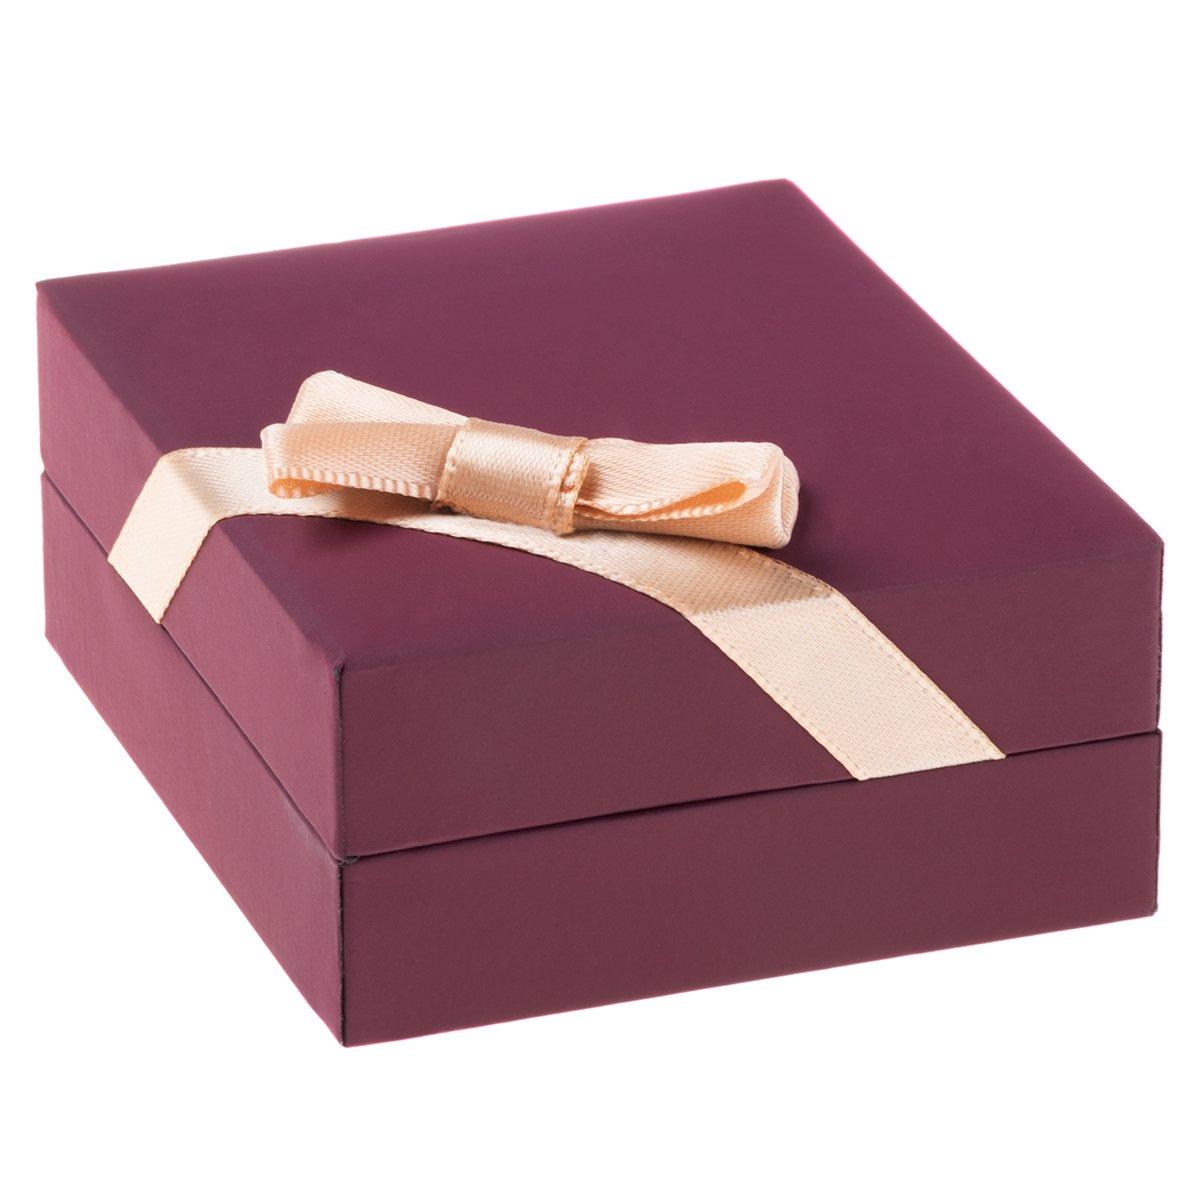 Złoty Wisiorek łańcuszek Serce próba 333 Prezent Urodziny Rocznica Dedykacja